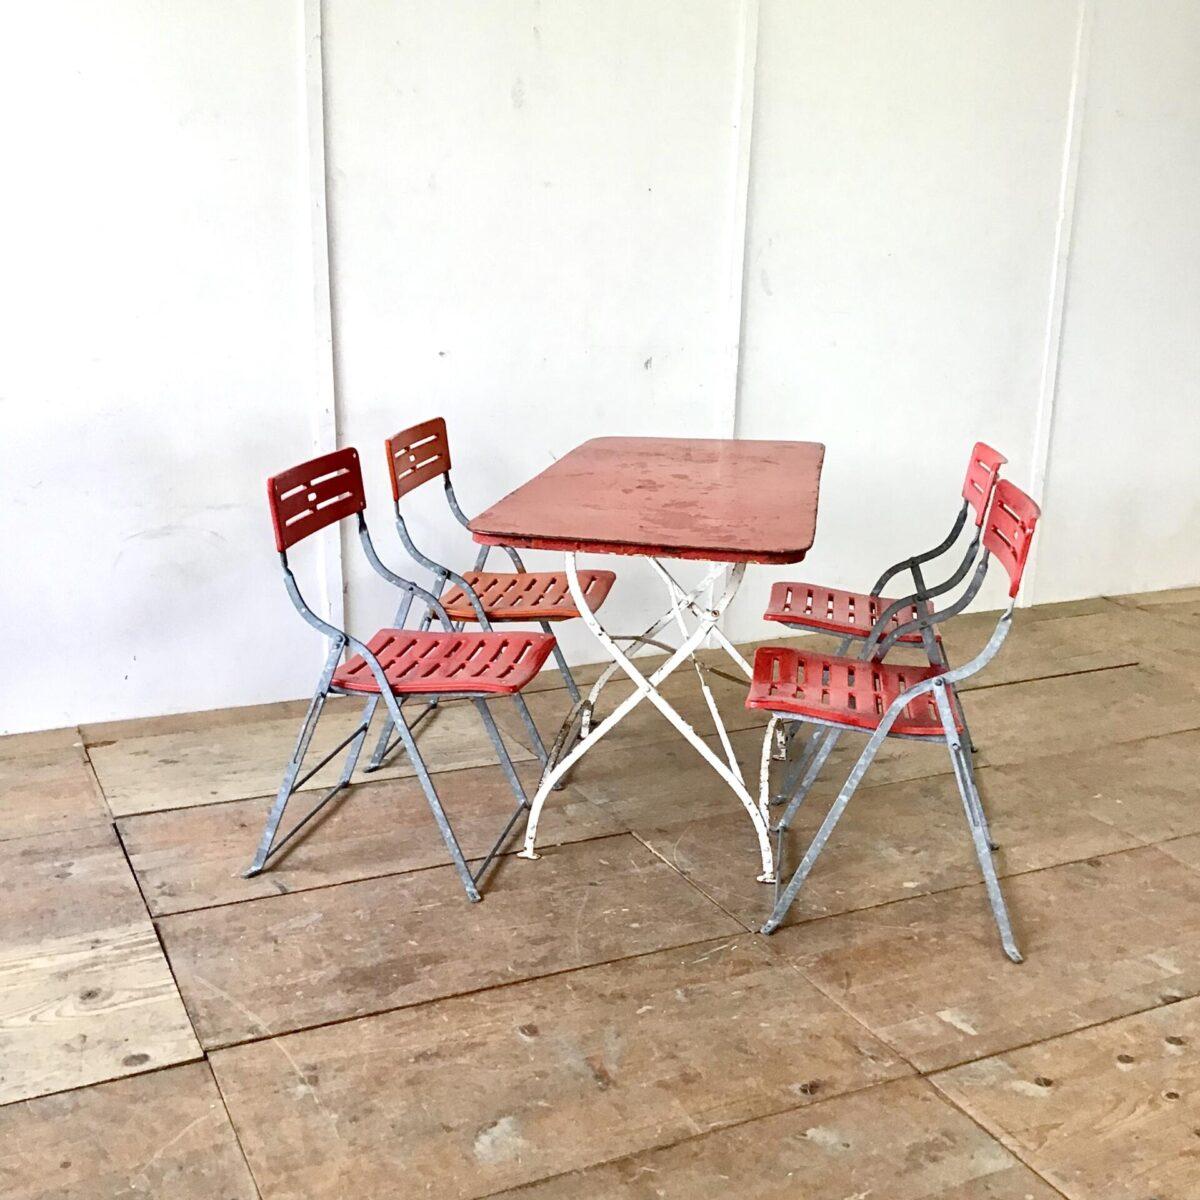 Alter Jugenstil Gartentisch mit sehr seltenem Format 140cm mal 61cm Höhe 75cm. Der Metalltisch ist Zusammen klappbar.